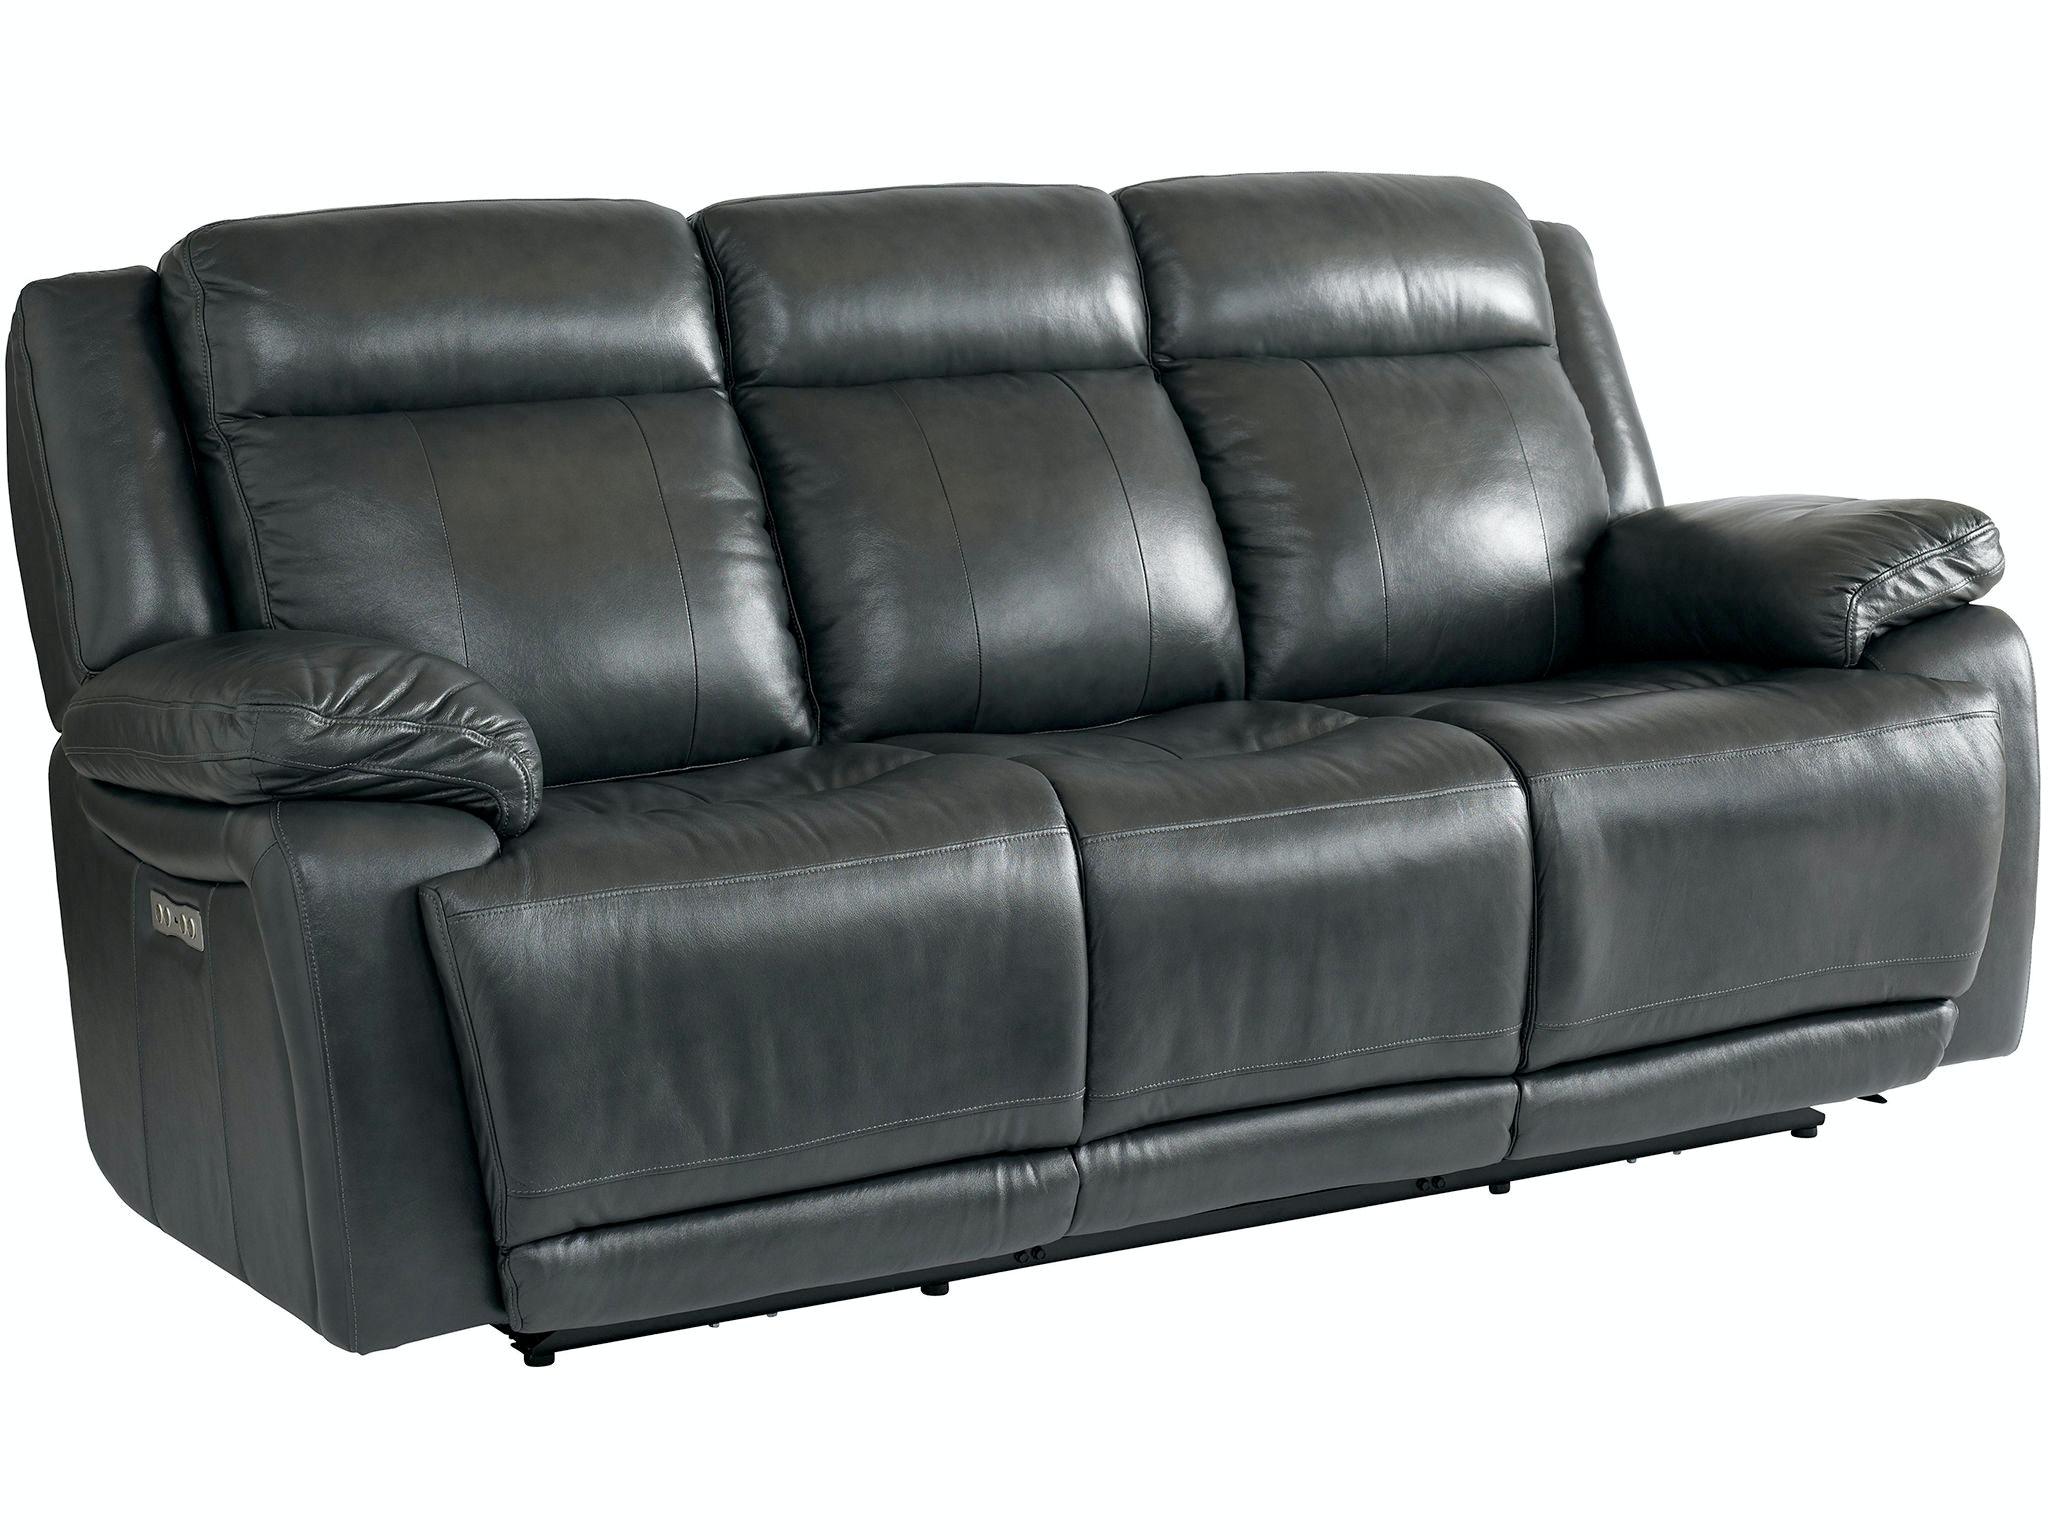 bassett living room sofa w  power 3706 p62g china towne